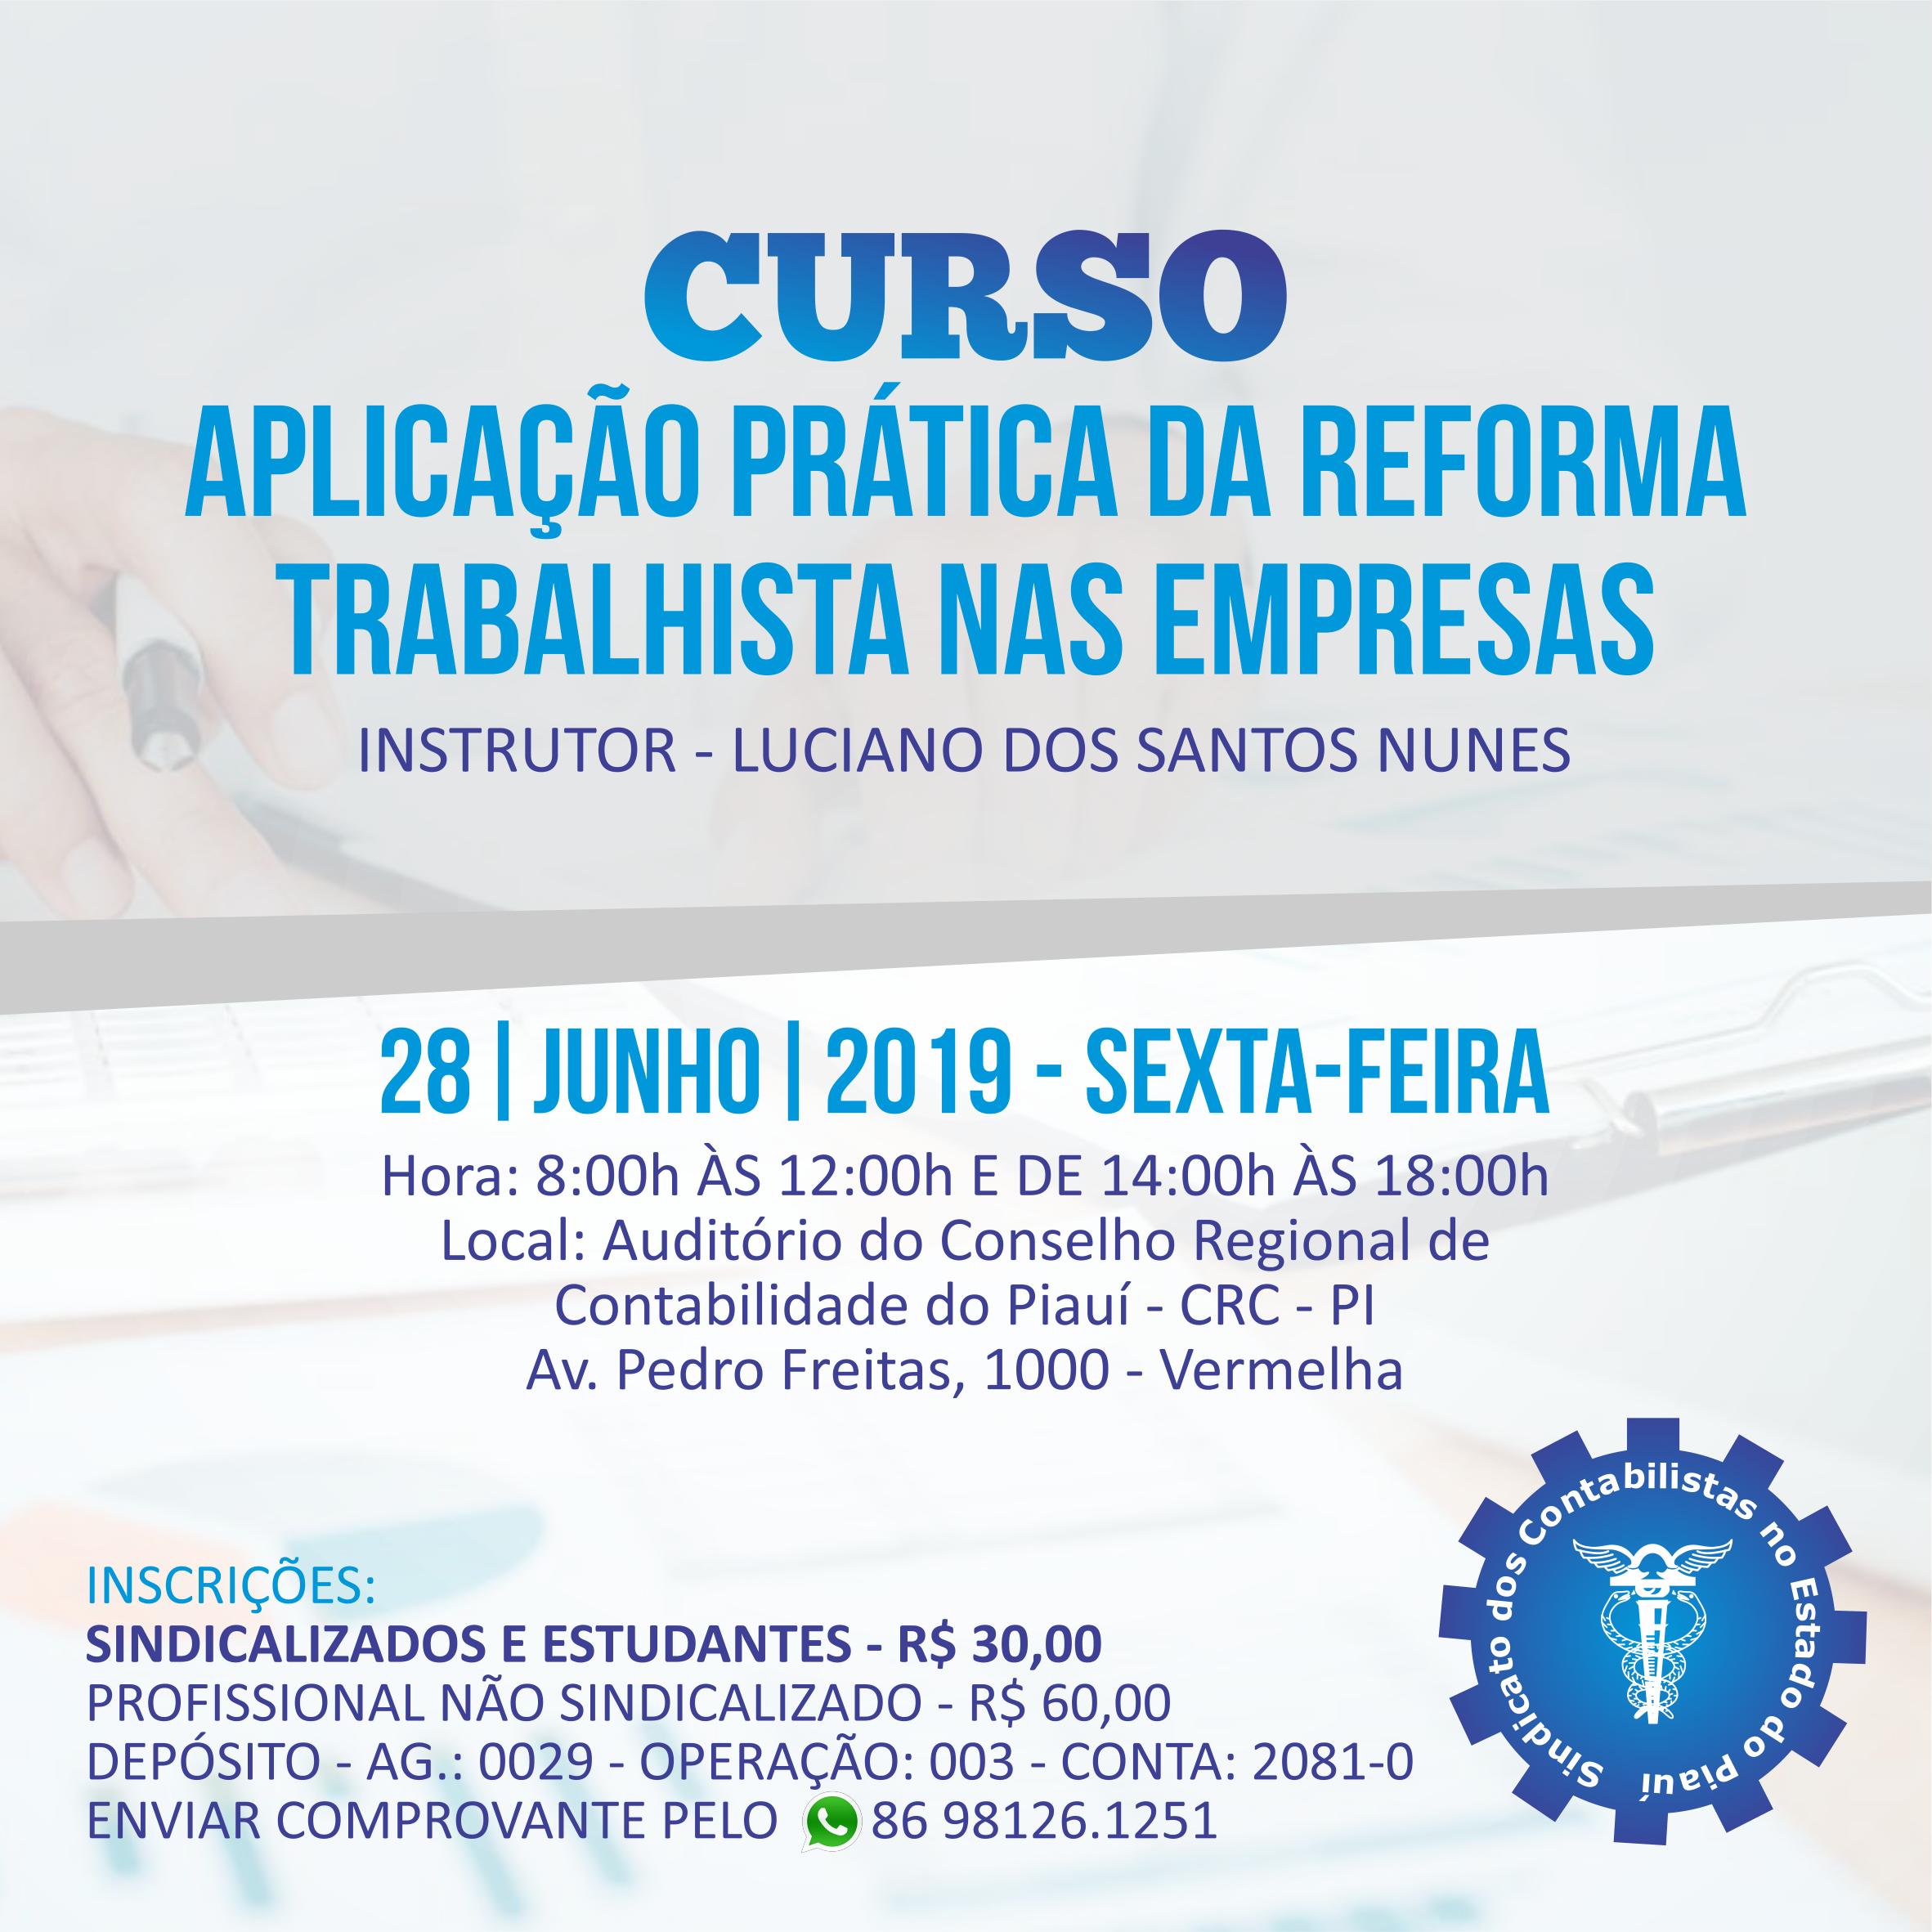 Curso sobre Aplicação Prática da Reforma Trabalhista nas Empresas acontece nesta sexta (28)